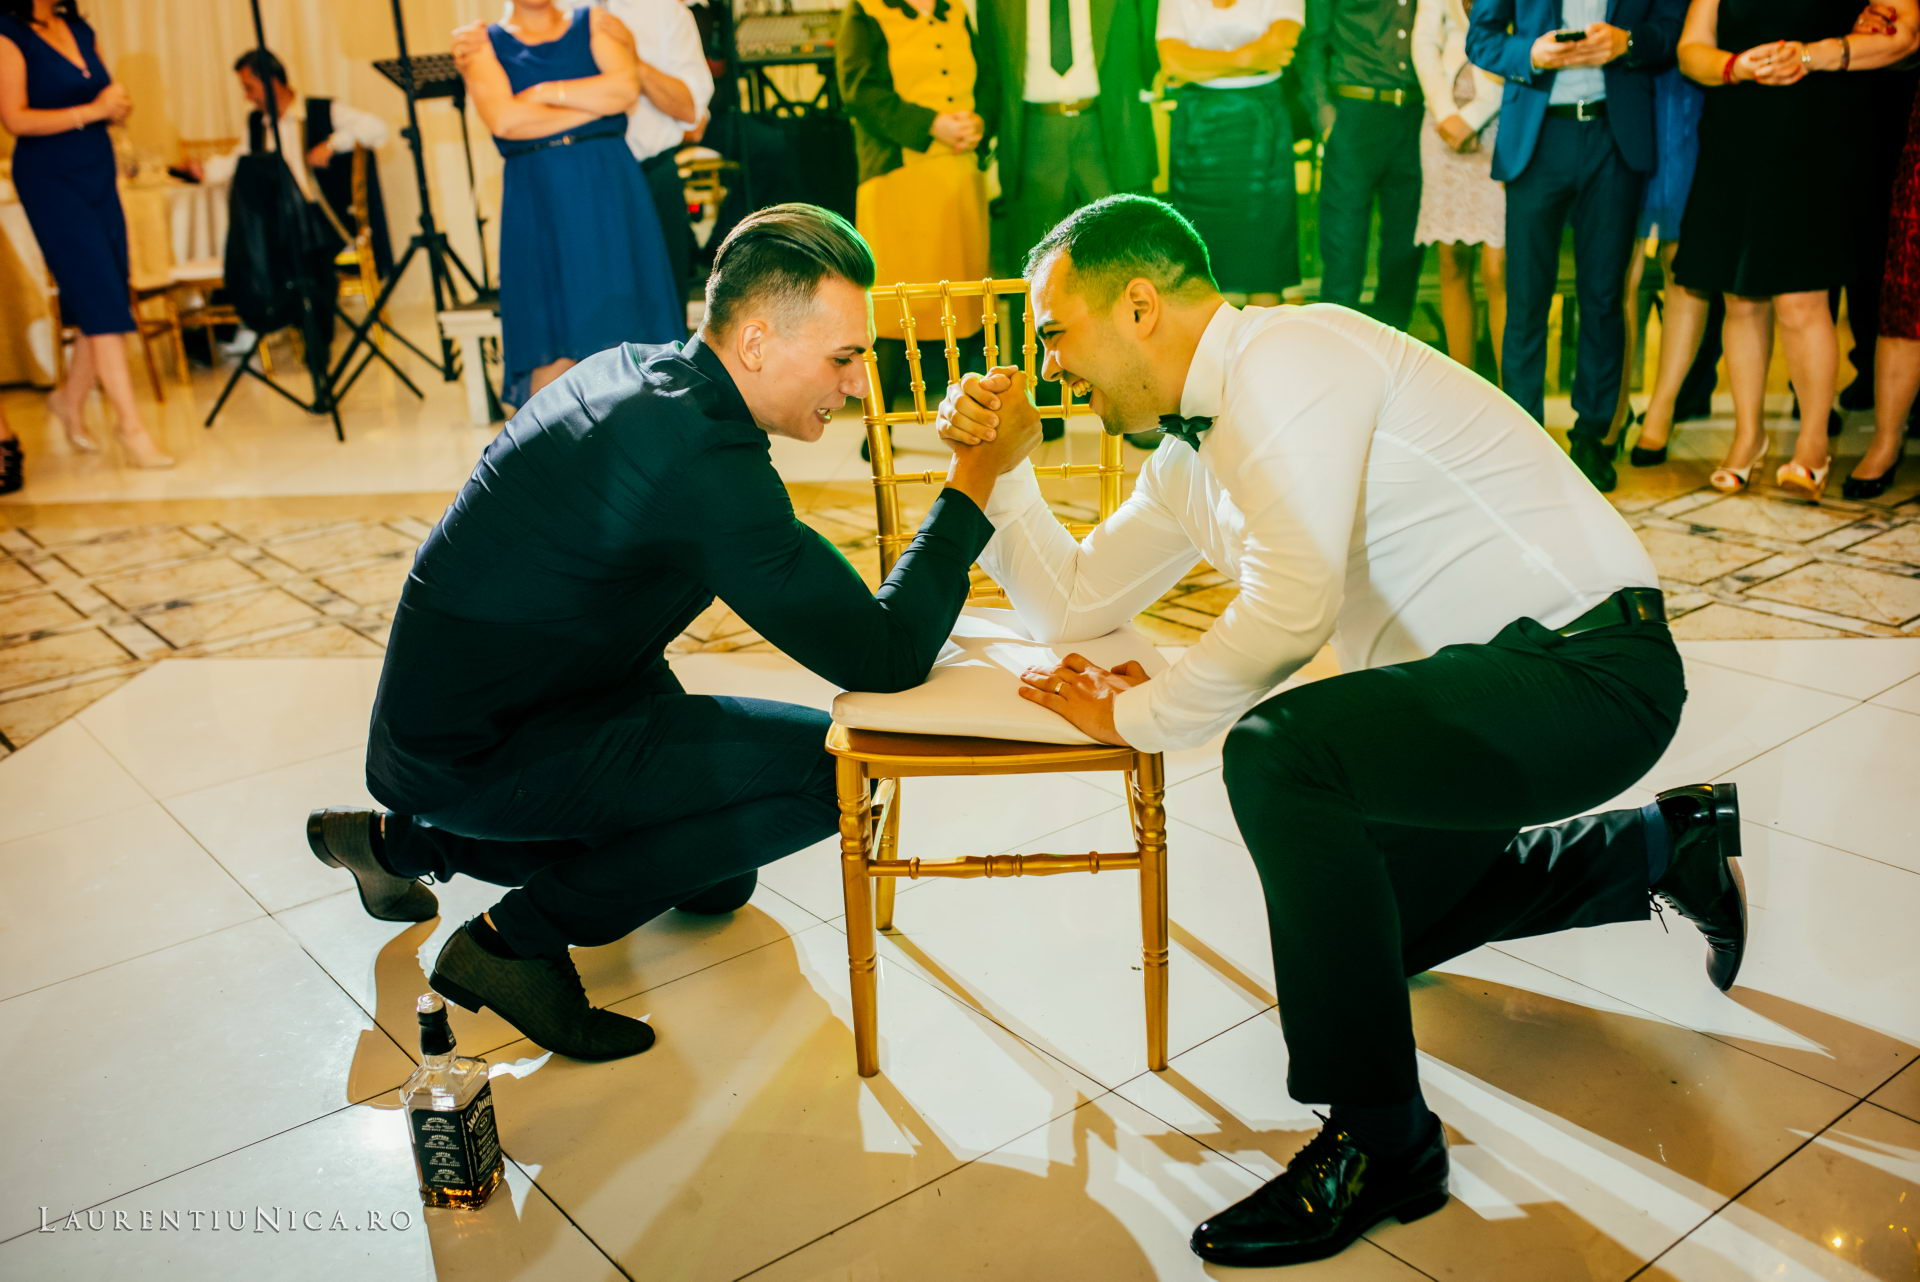 denisa si catalin fotograf nunta laurentiu nica craiova 86 - Denisa si Catalin | Fotografii nunta | Craiova